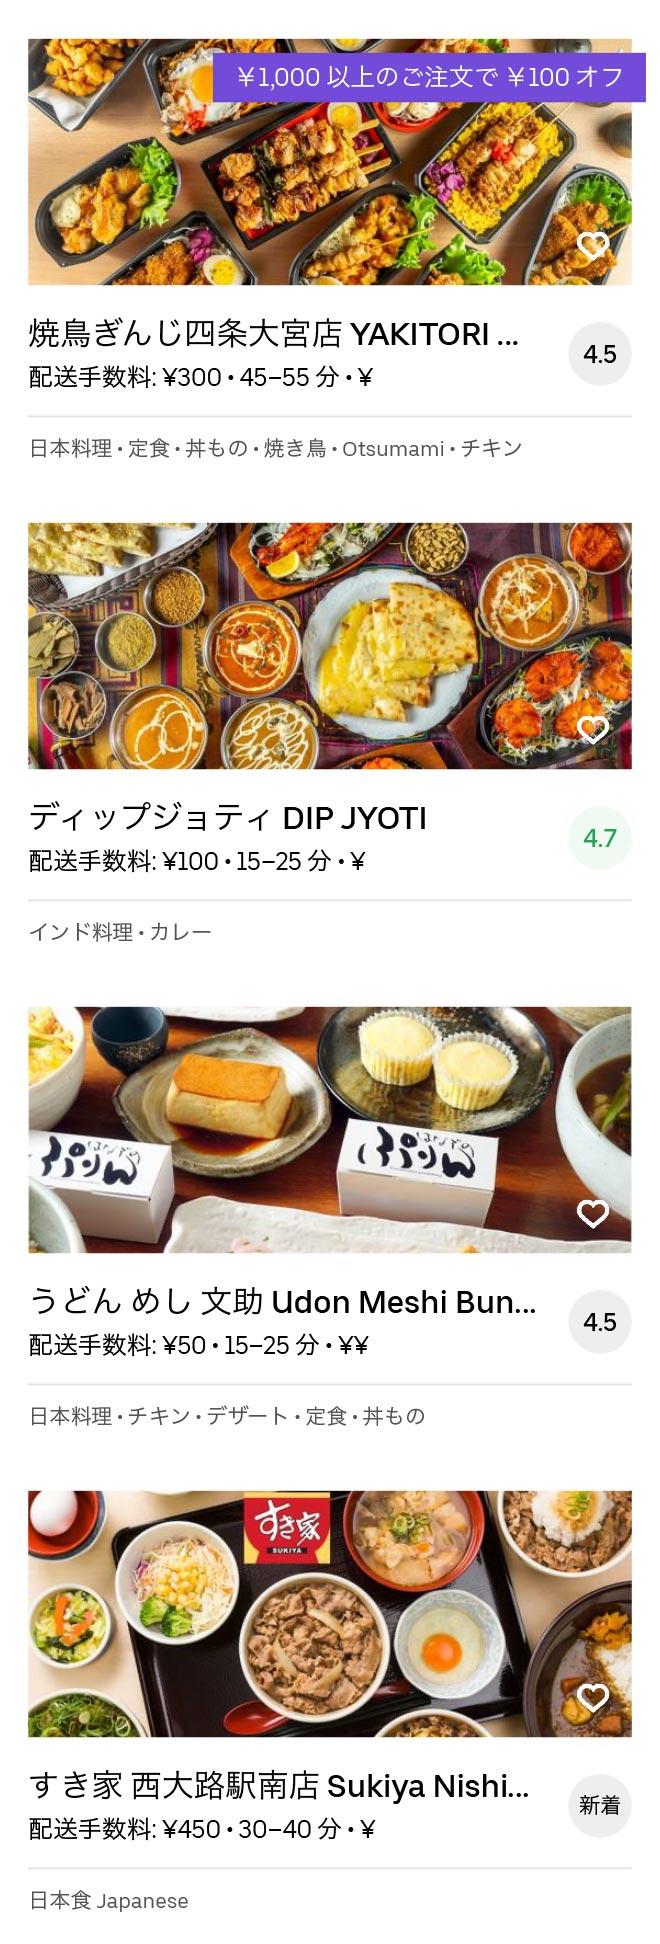 Kyoto hanazono menu 2005 04